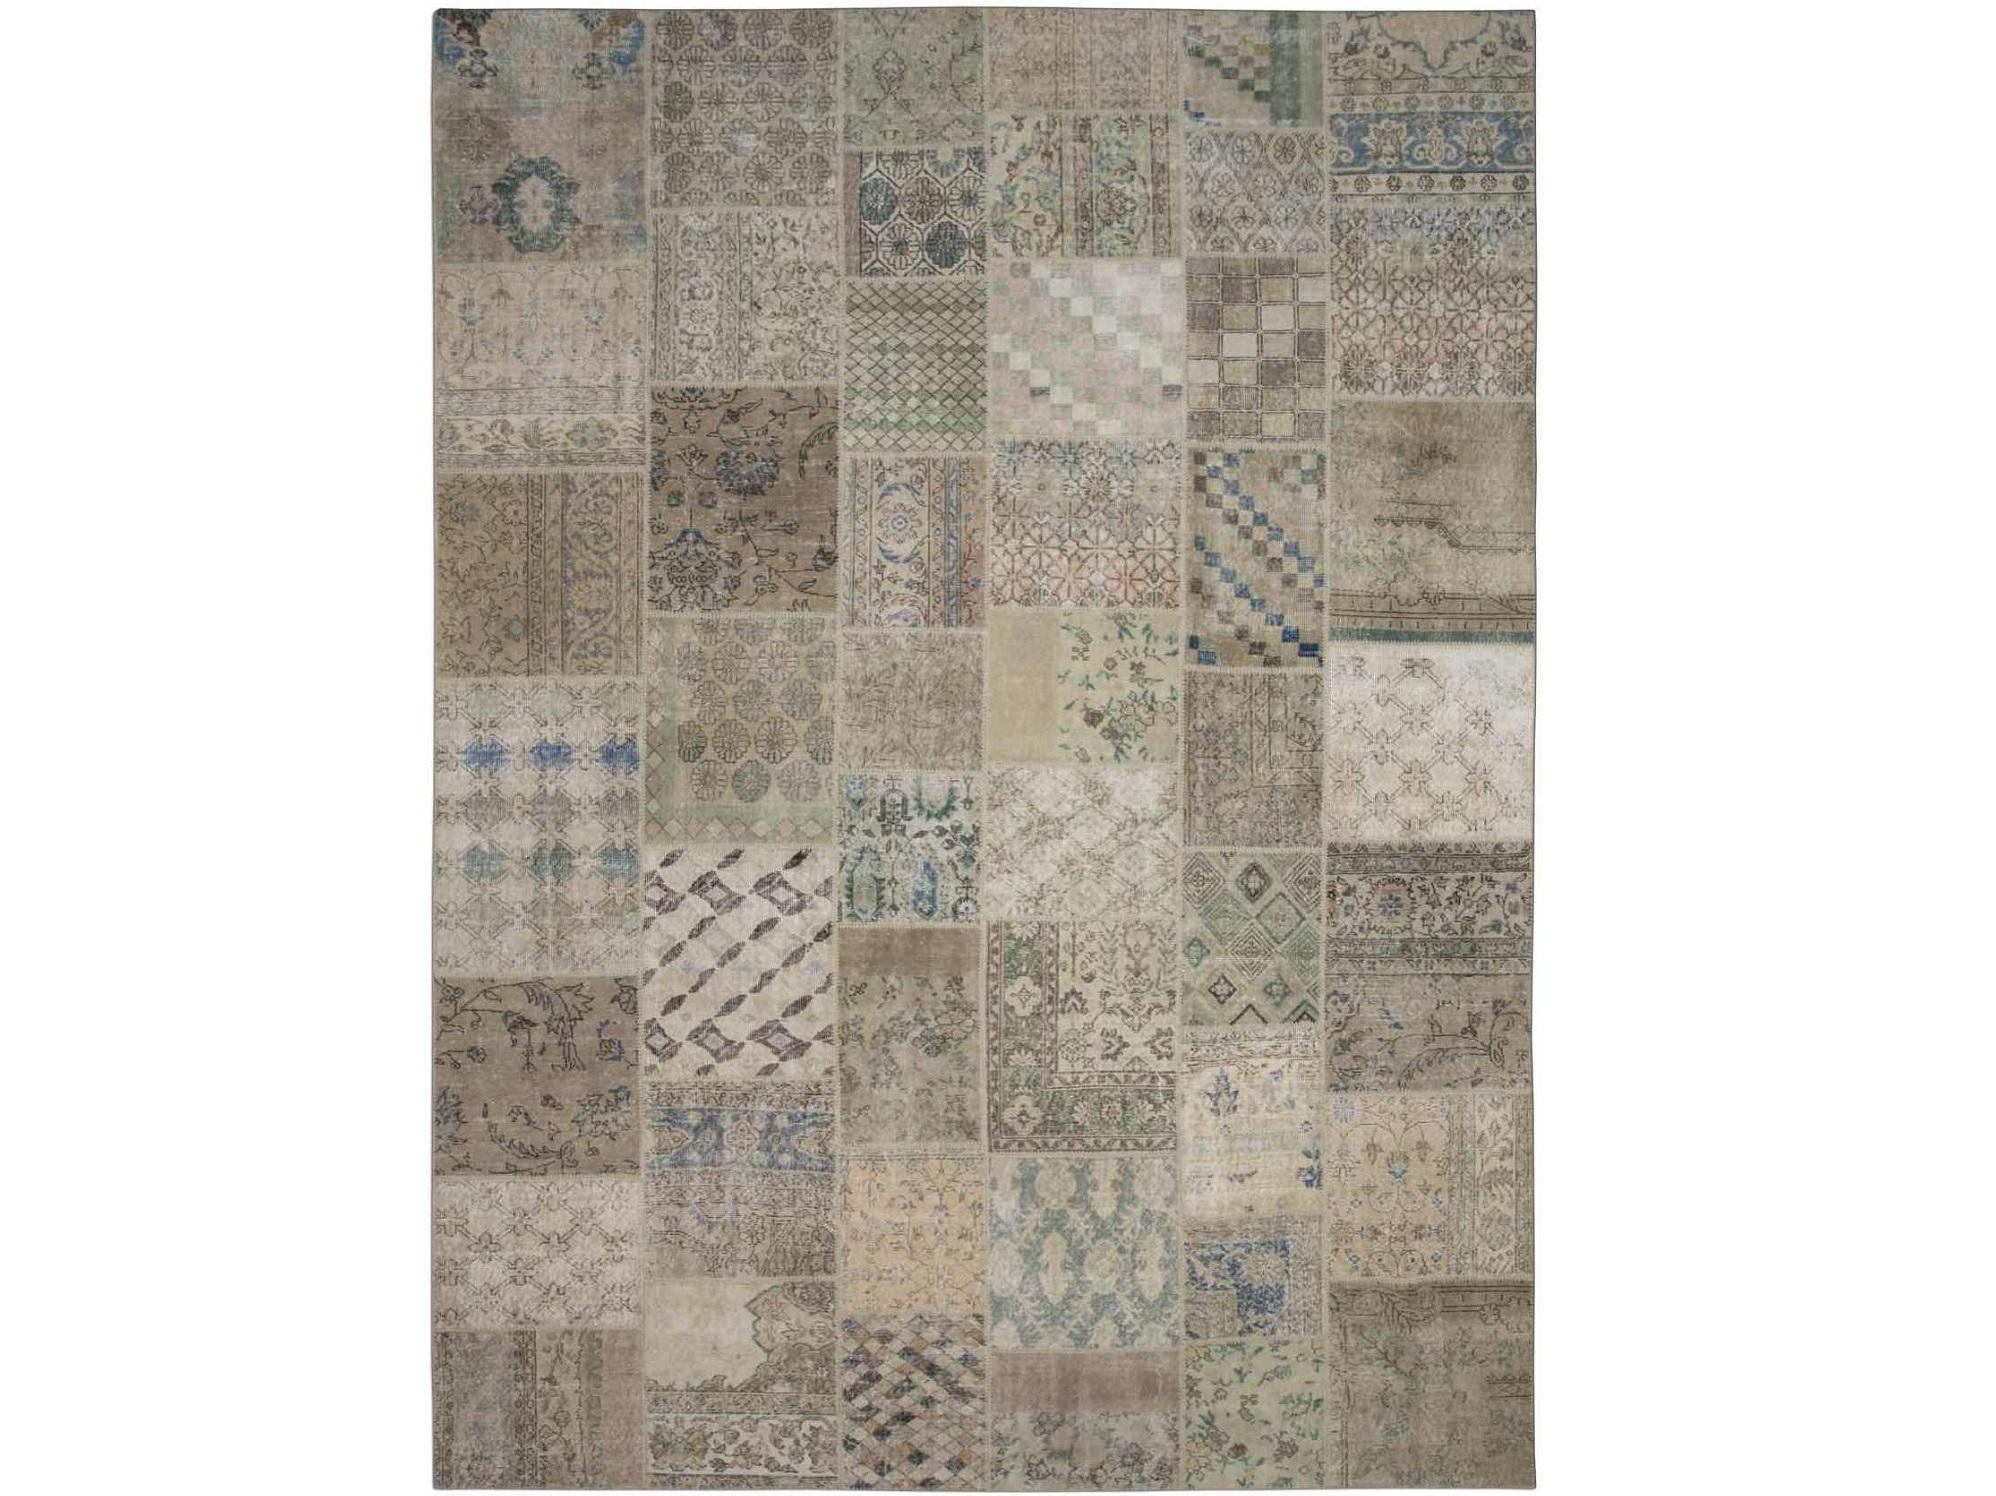 Ковер PatchworkПрямоугольные ковры<br>Винтажный ковер ручной работы в стиле &amp;quot;пэчворк&amp;quot; из 100% шерсти. Ковер прекрасно подходит в любые современные и классические интерьеры, а благодаря толщине ковра всего 5 мм и отсутствию&amp;amp;nbsp; ворса, его легко чистить любыми видами пылесосов. Этот настоящий ковер ручной работы не потеряет своих красок и будет служить десятилетия.<br><br>Material: Шерсть<br>Width см: 304<br>Depth см: 408